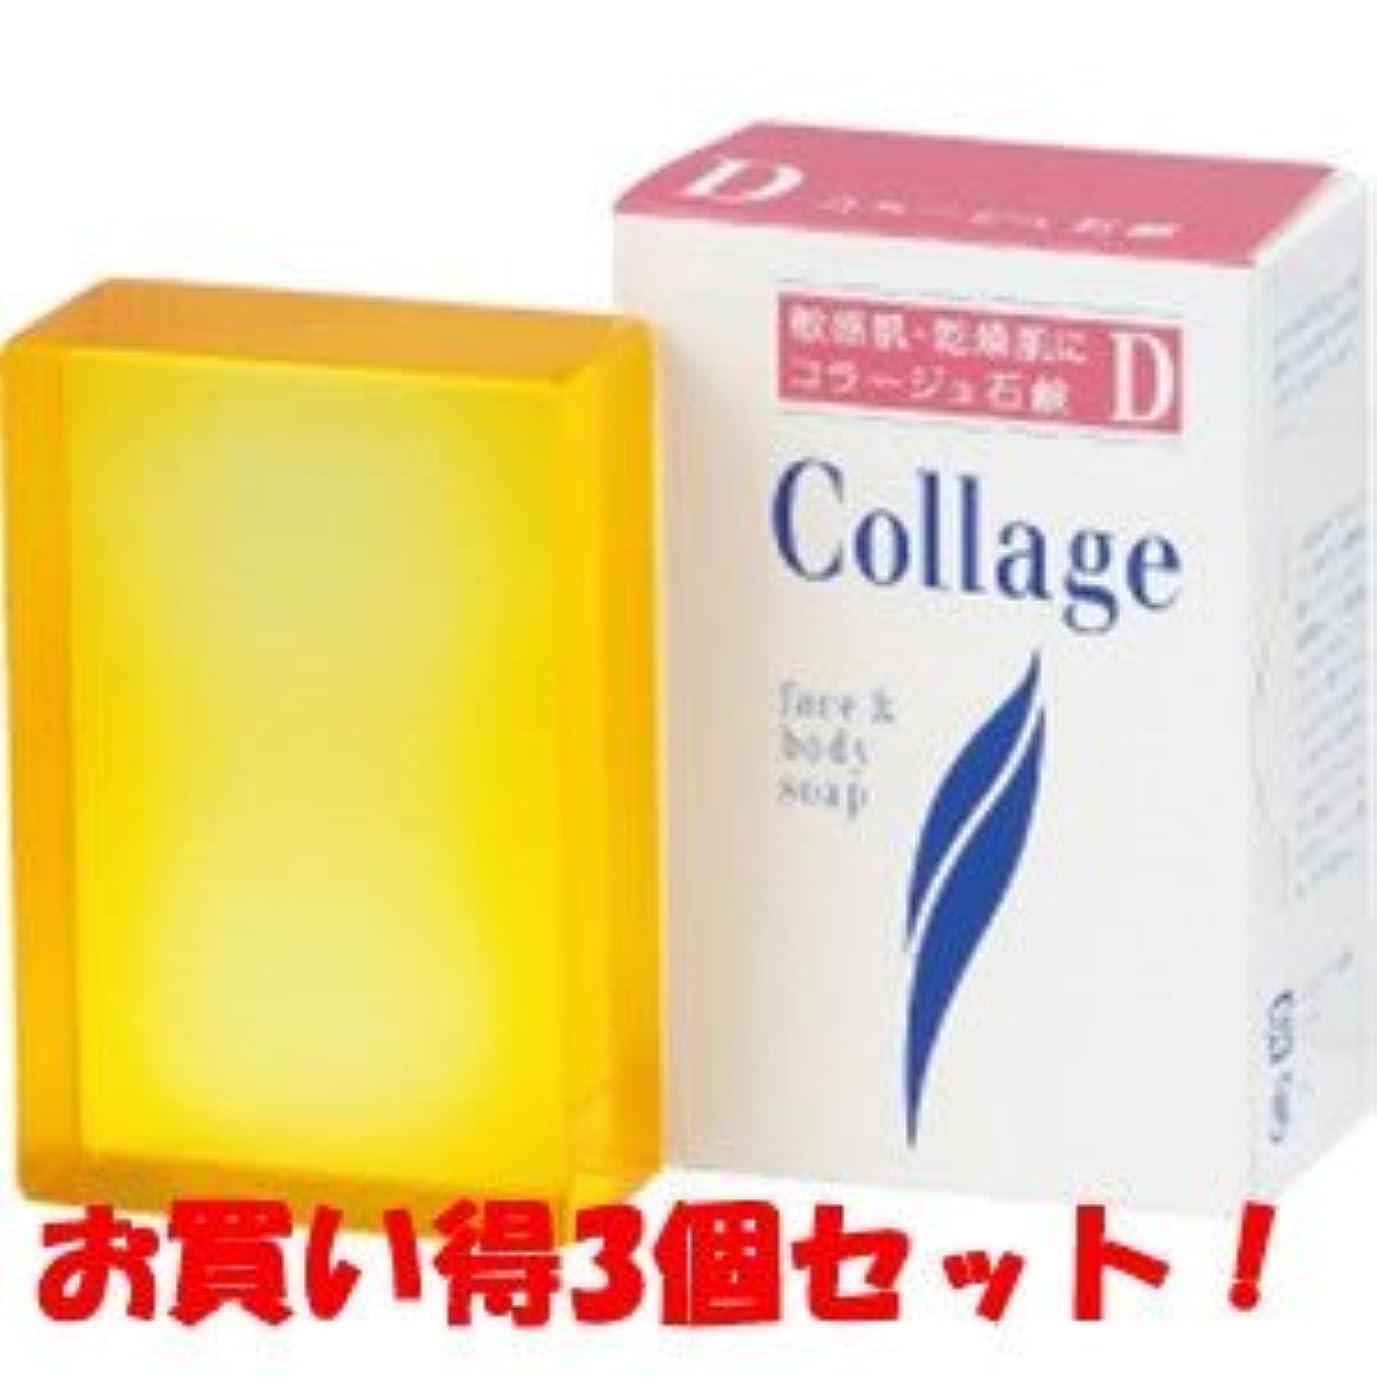 発送火曜日きらきら(持田ヘルスケア)コラージュD乾性肌用石鹸 100g(お買い得3個セット)